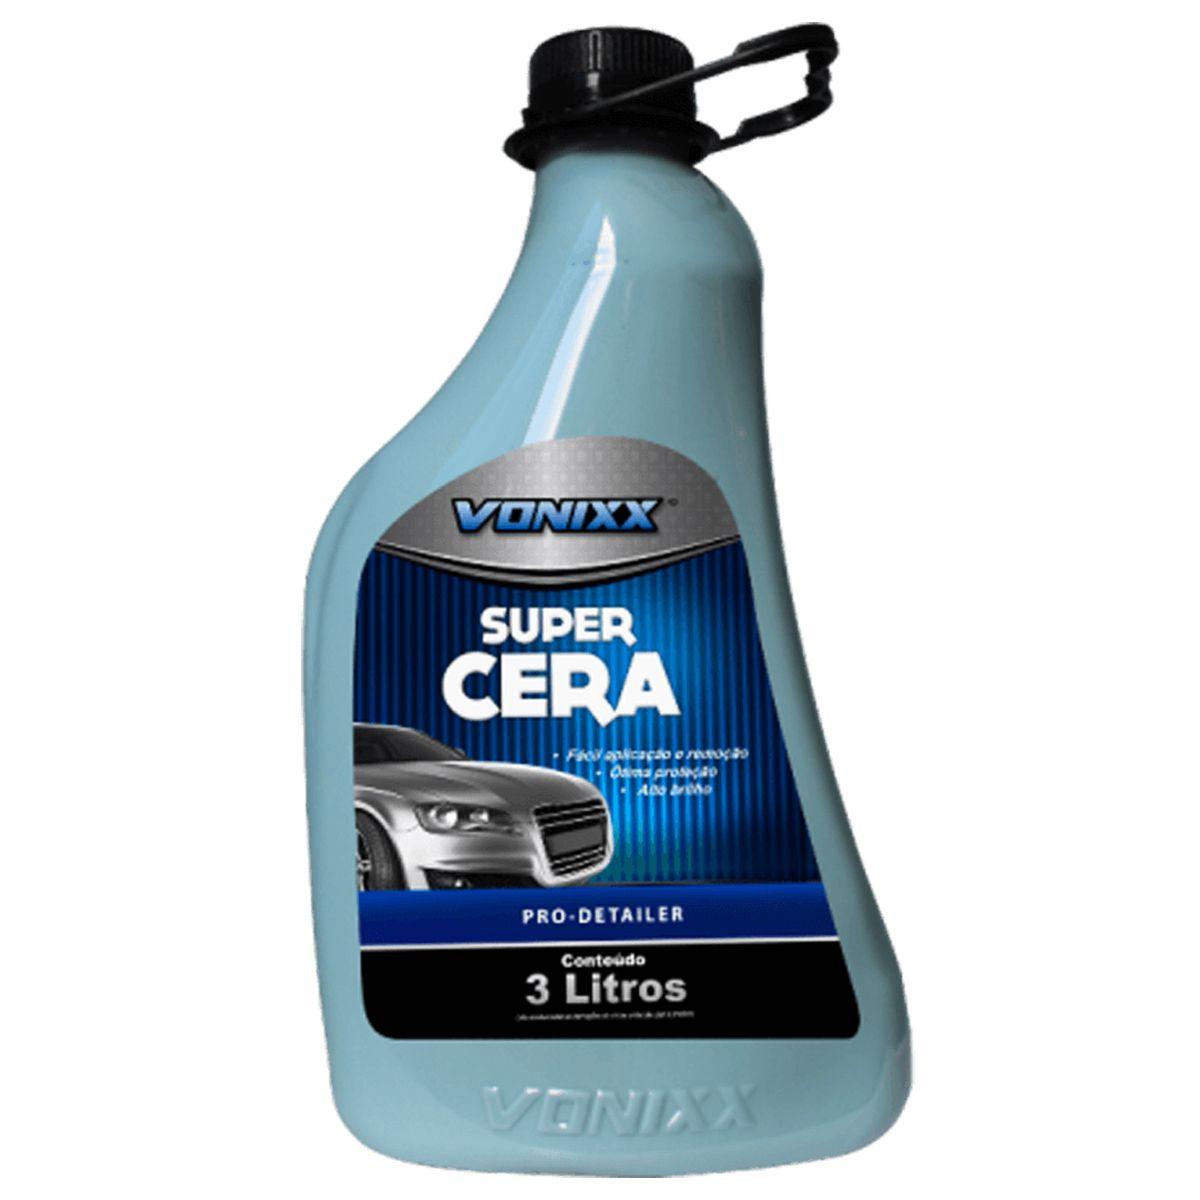 Super Cera Liquida 3L Vonixx